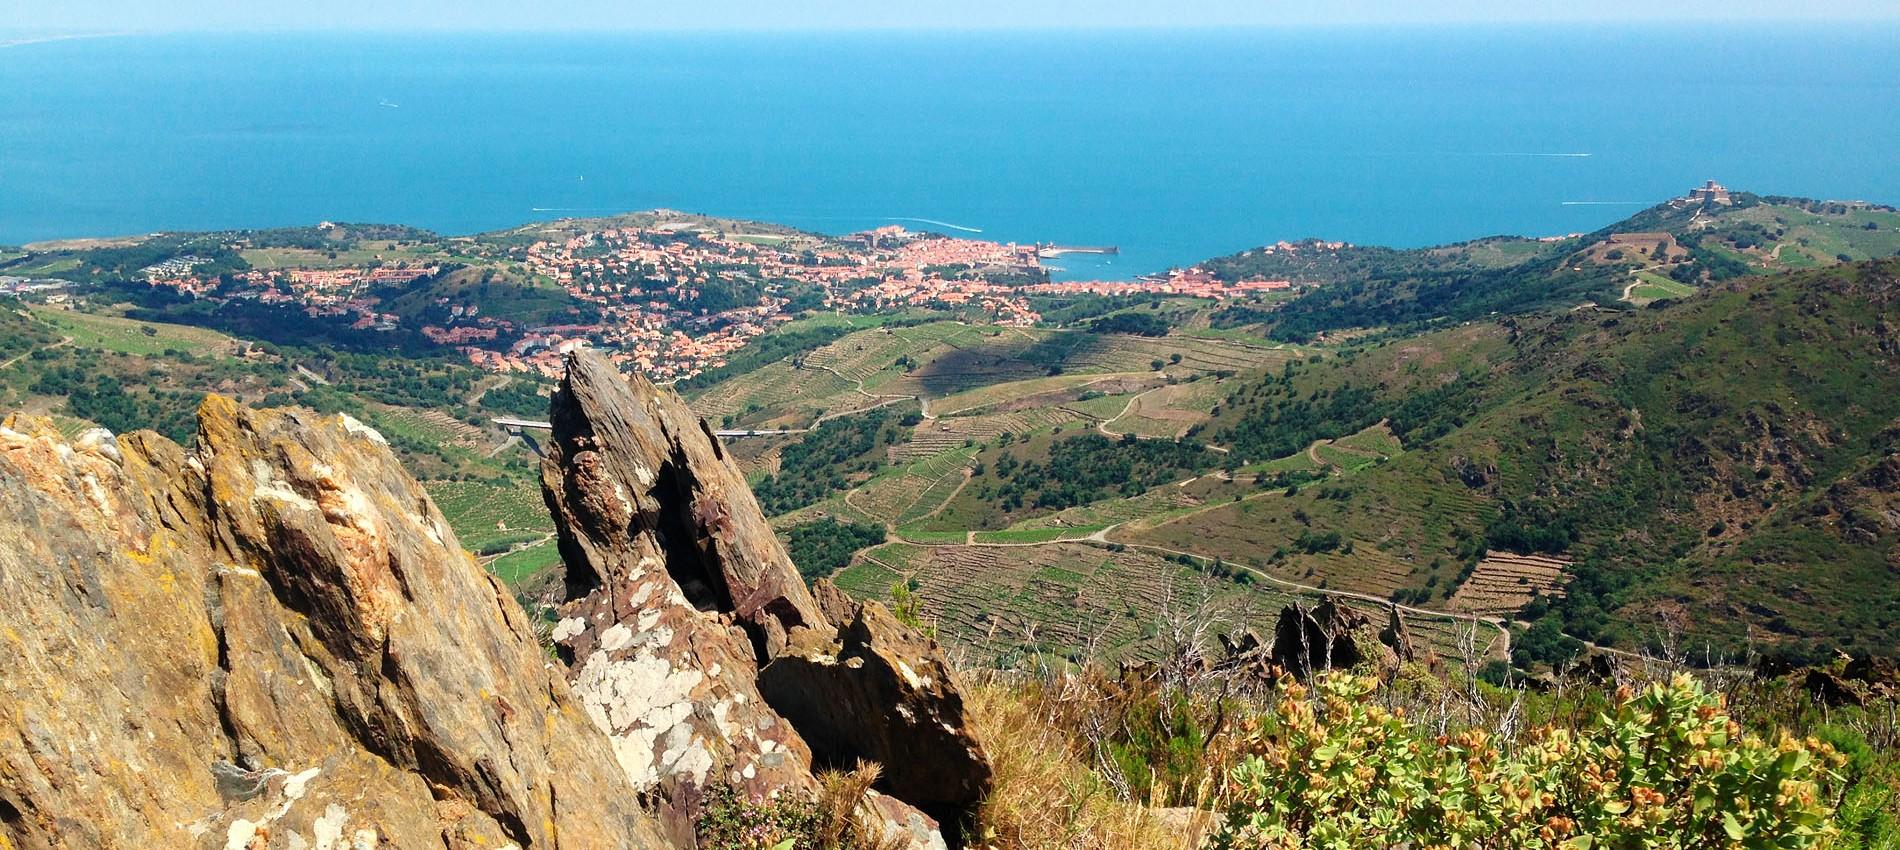 vue plongeante collioure méditerranée depuis albères